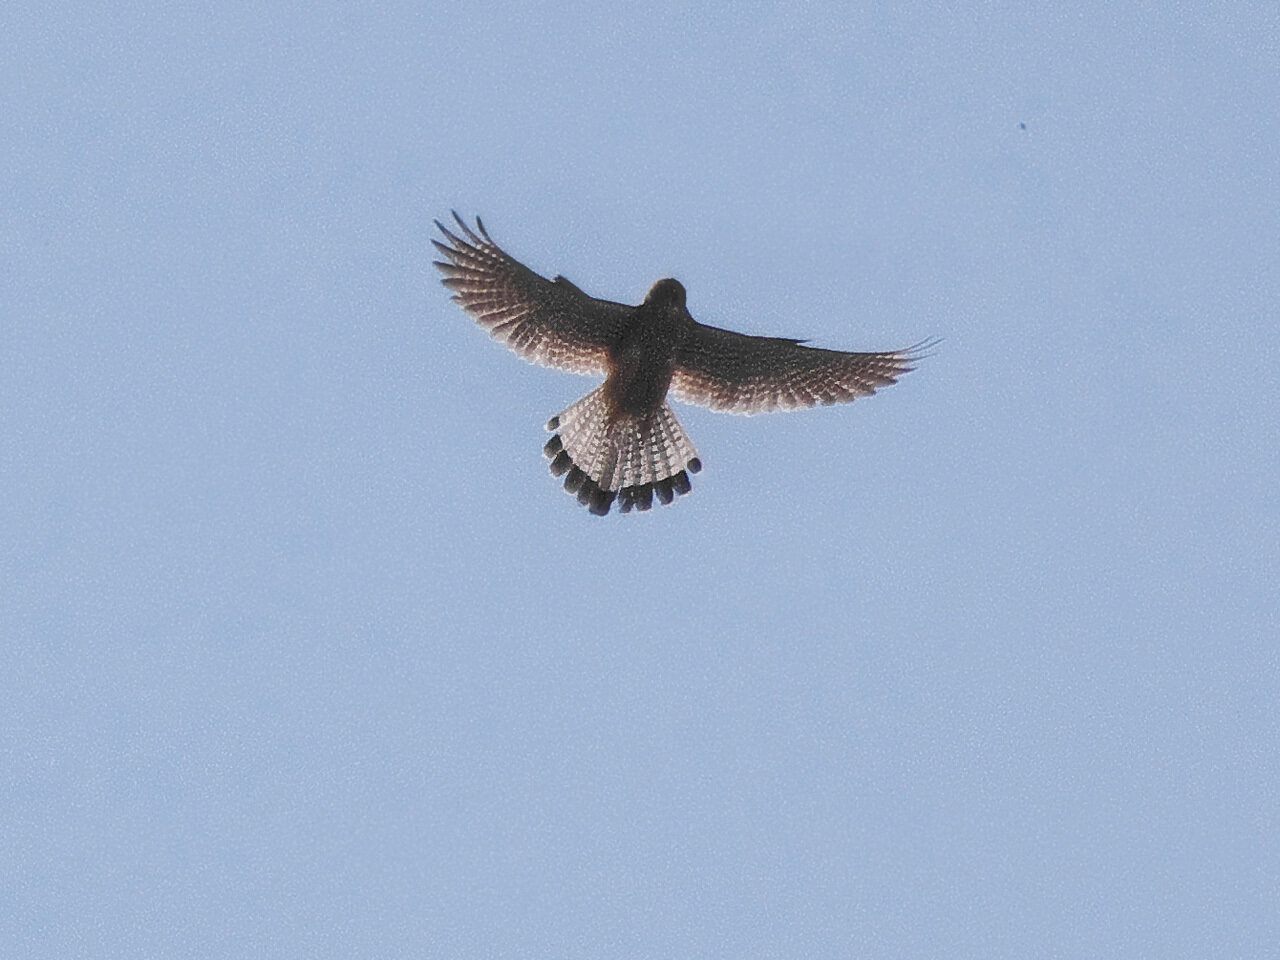 Обыкновенная пустельга (Falco tinnunculus). Автор фото: